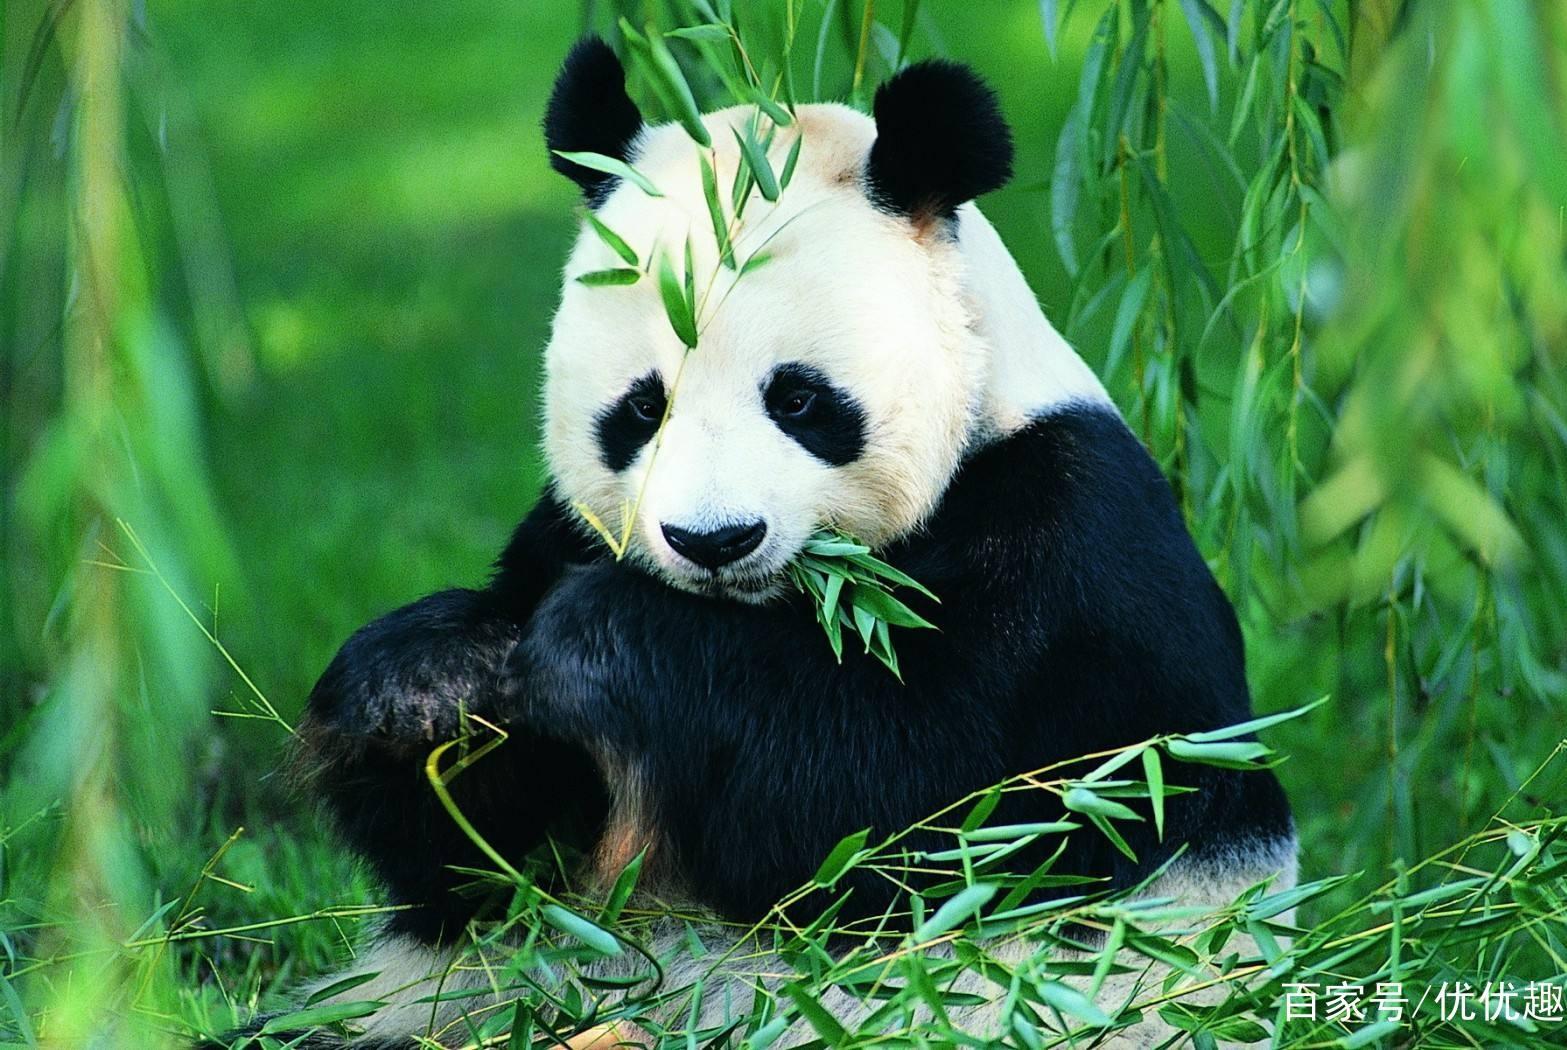 趣味测试:下面哪个熊猫最可爱?测你的情商会不会是你的硬伤